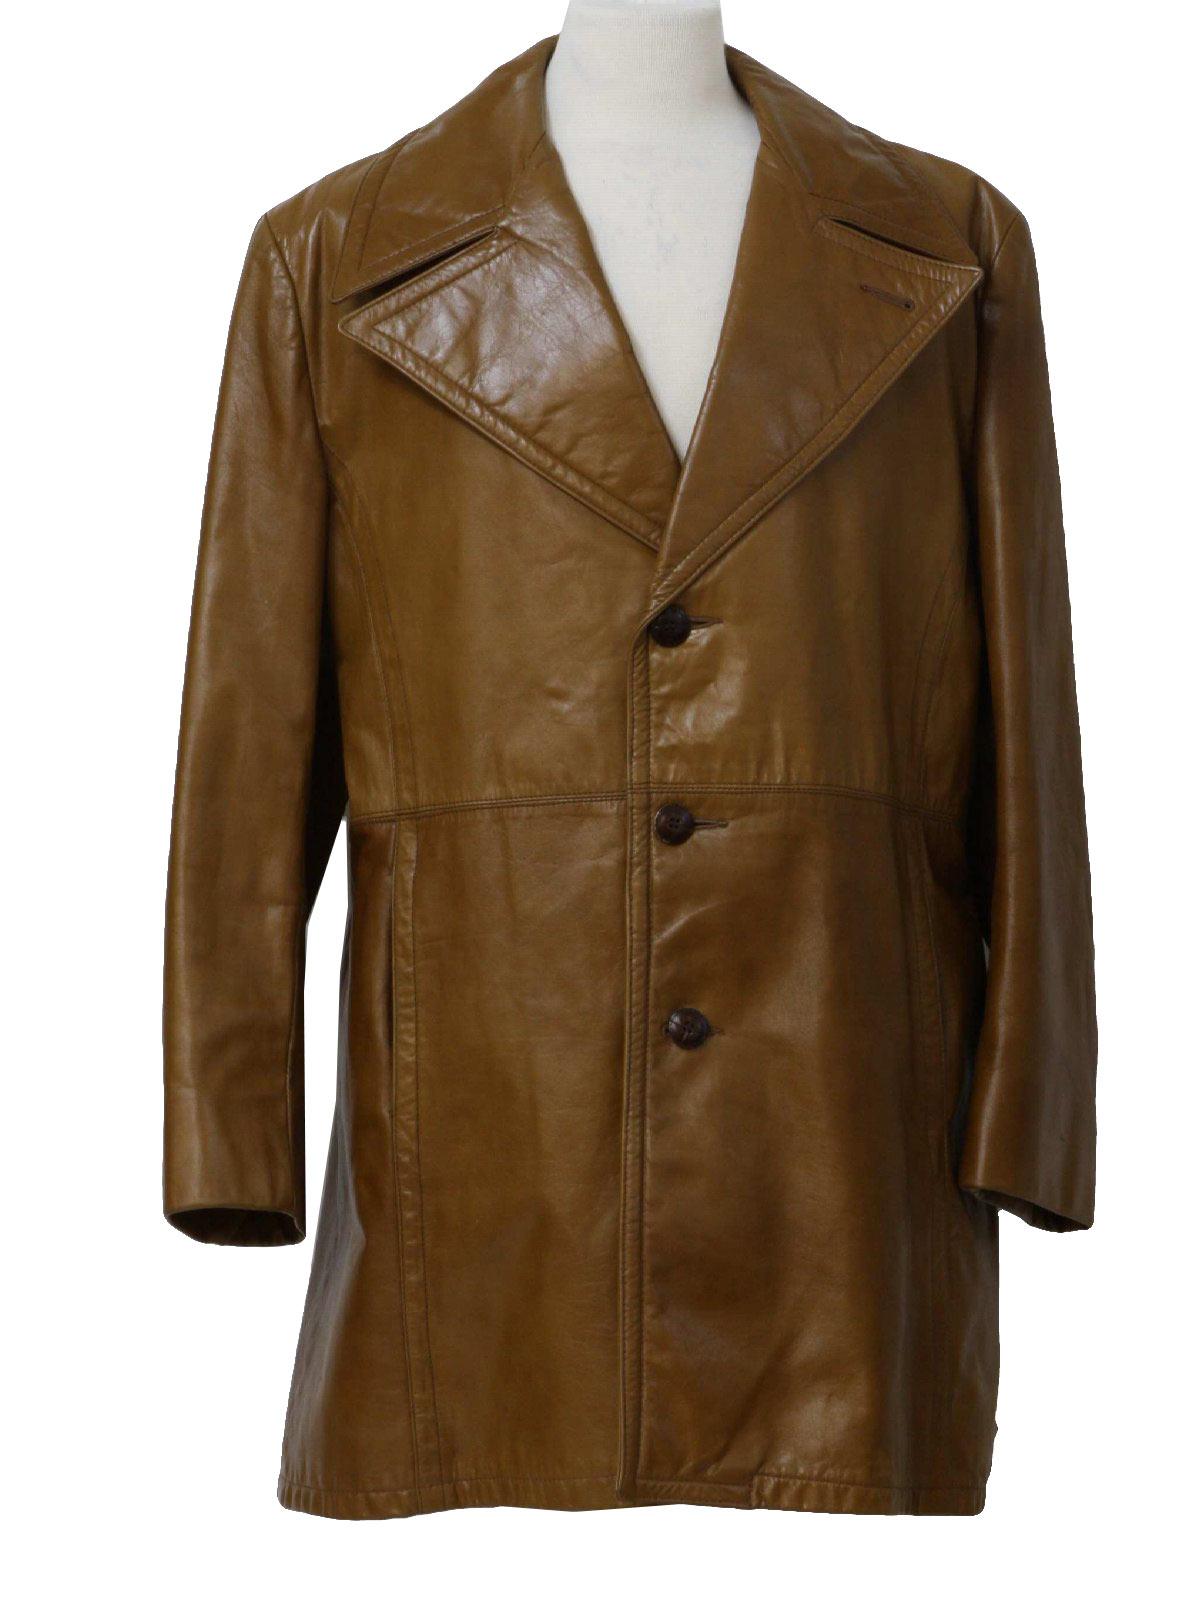 Seventies Lakeland Leather Jacket: 70s -Lakeland- Mens spice brown